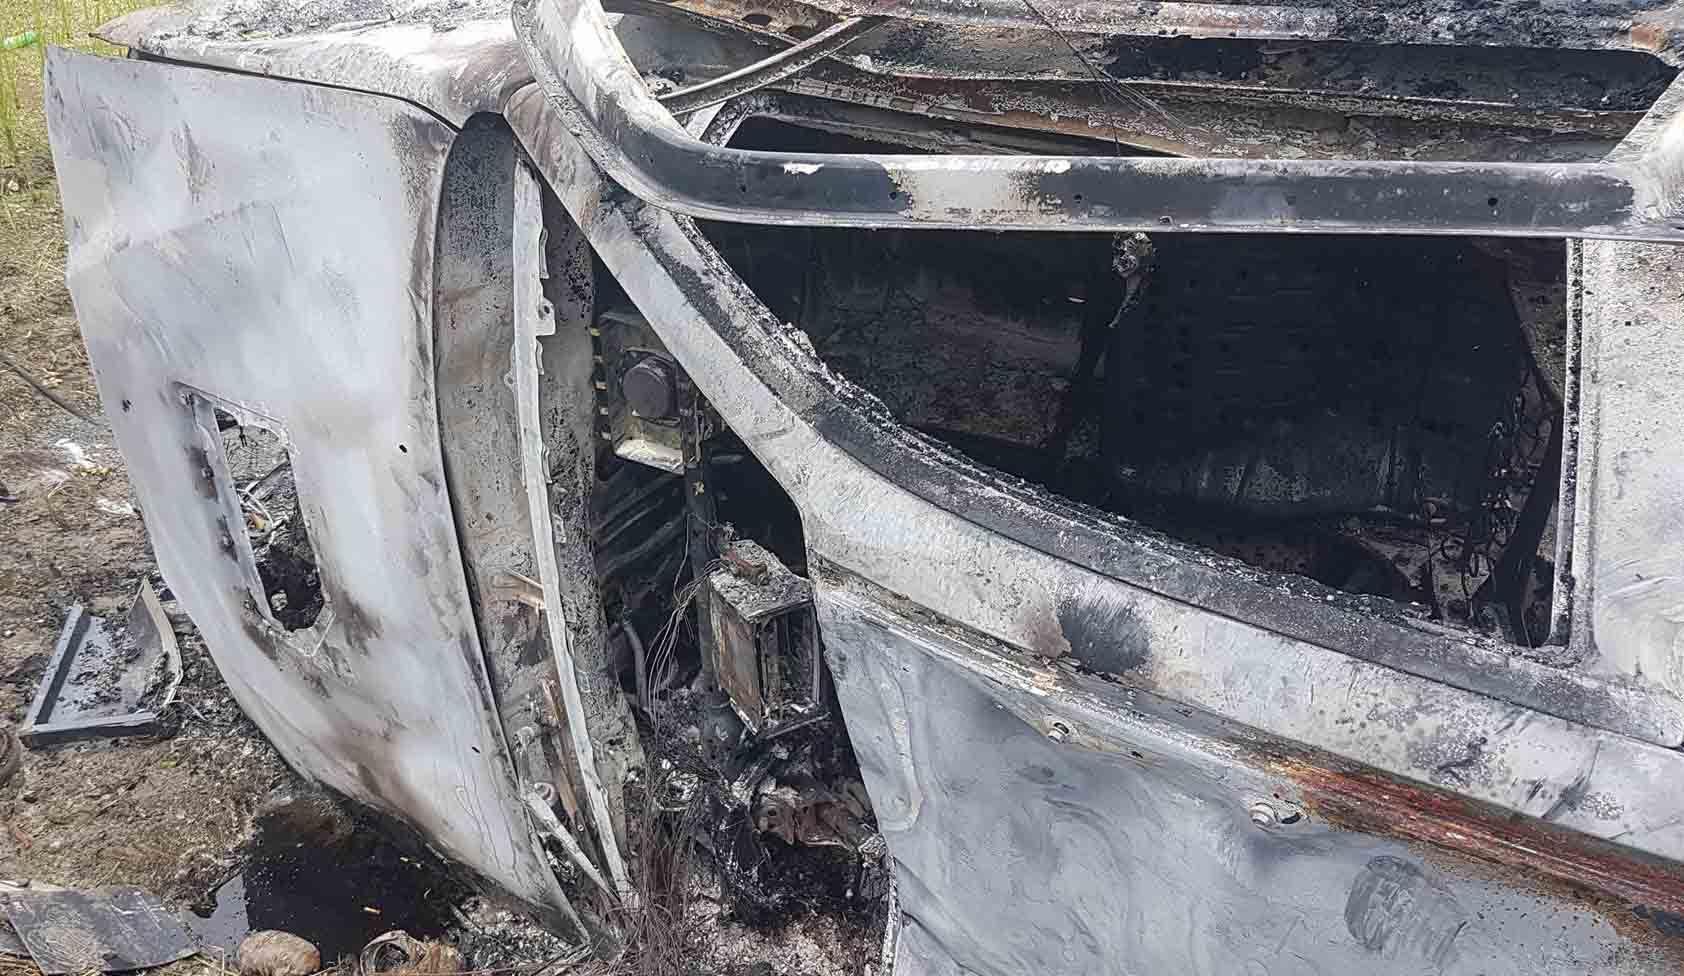 Chủ xe Fortuner bị đốt vì nghi thôi miên, bắt cóc là ai?